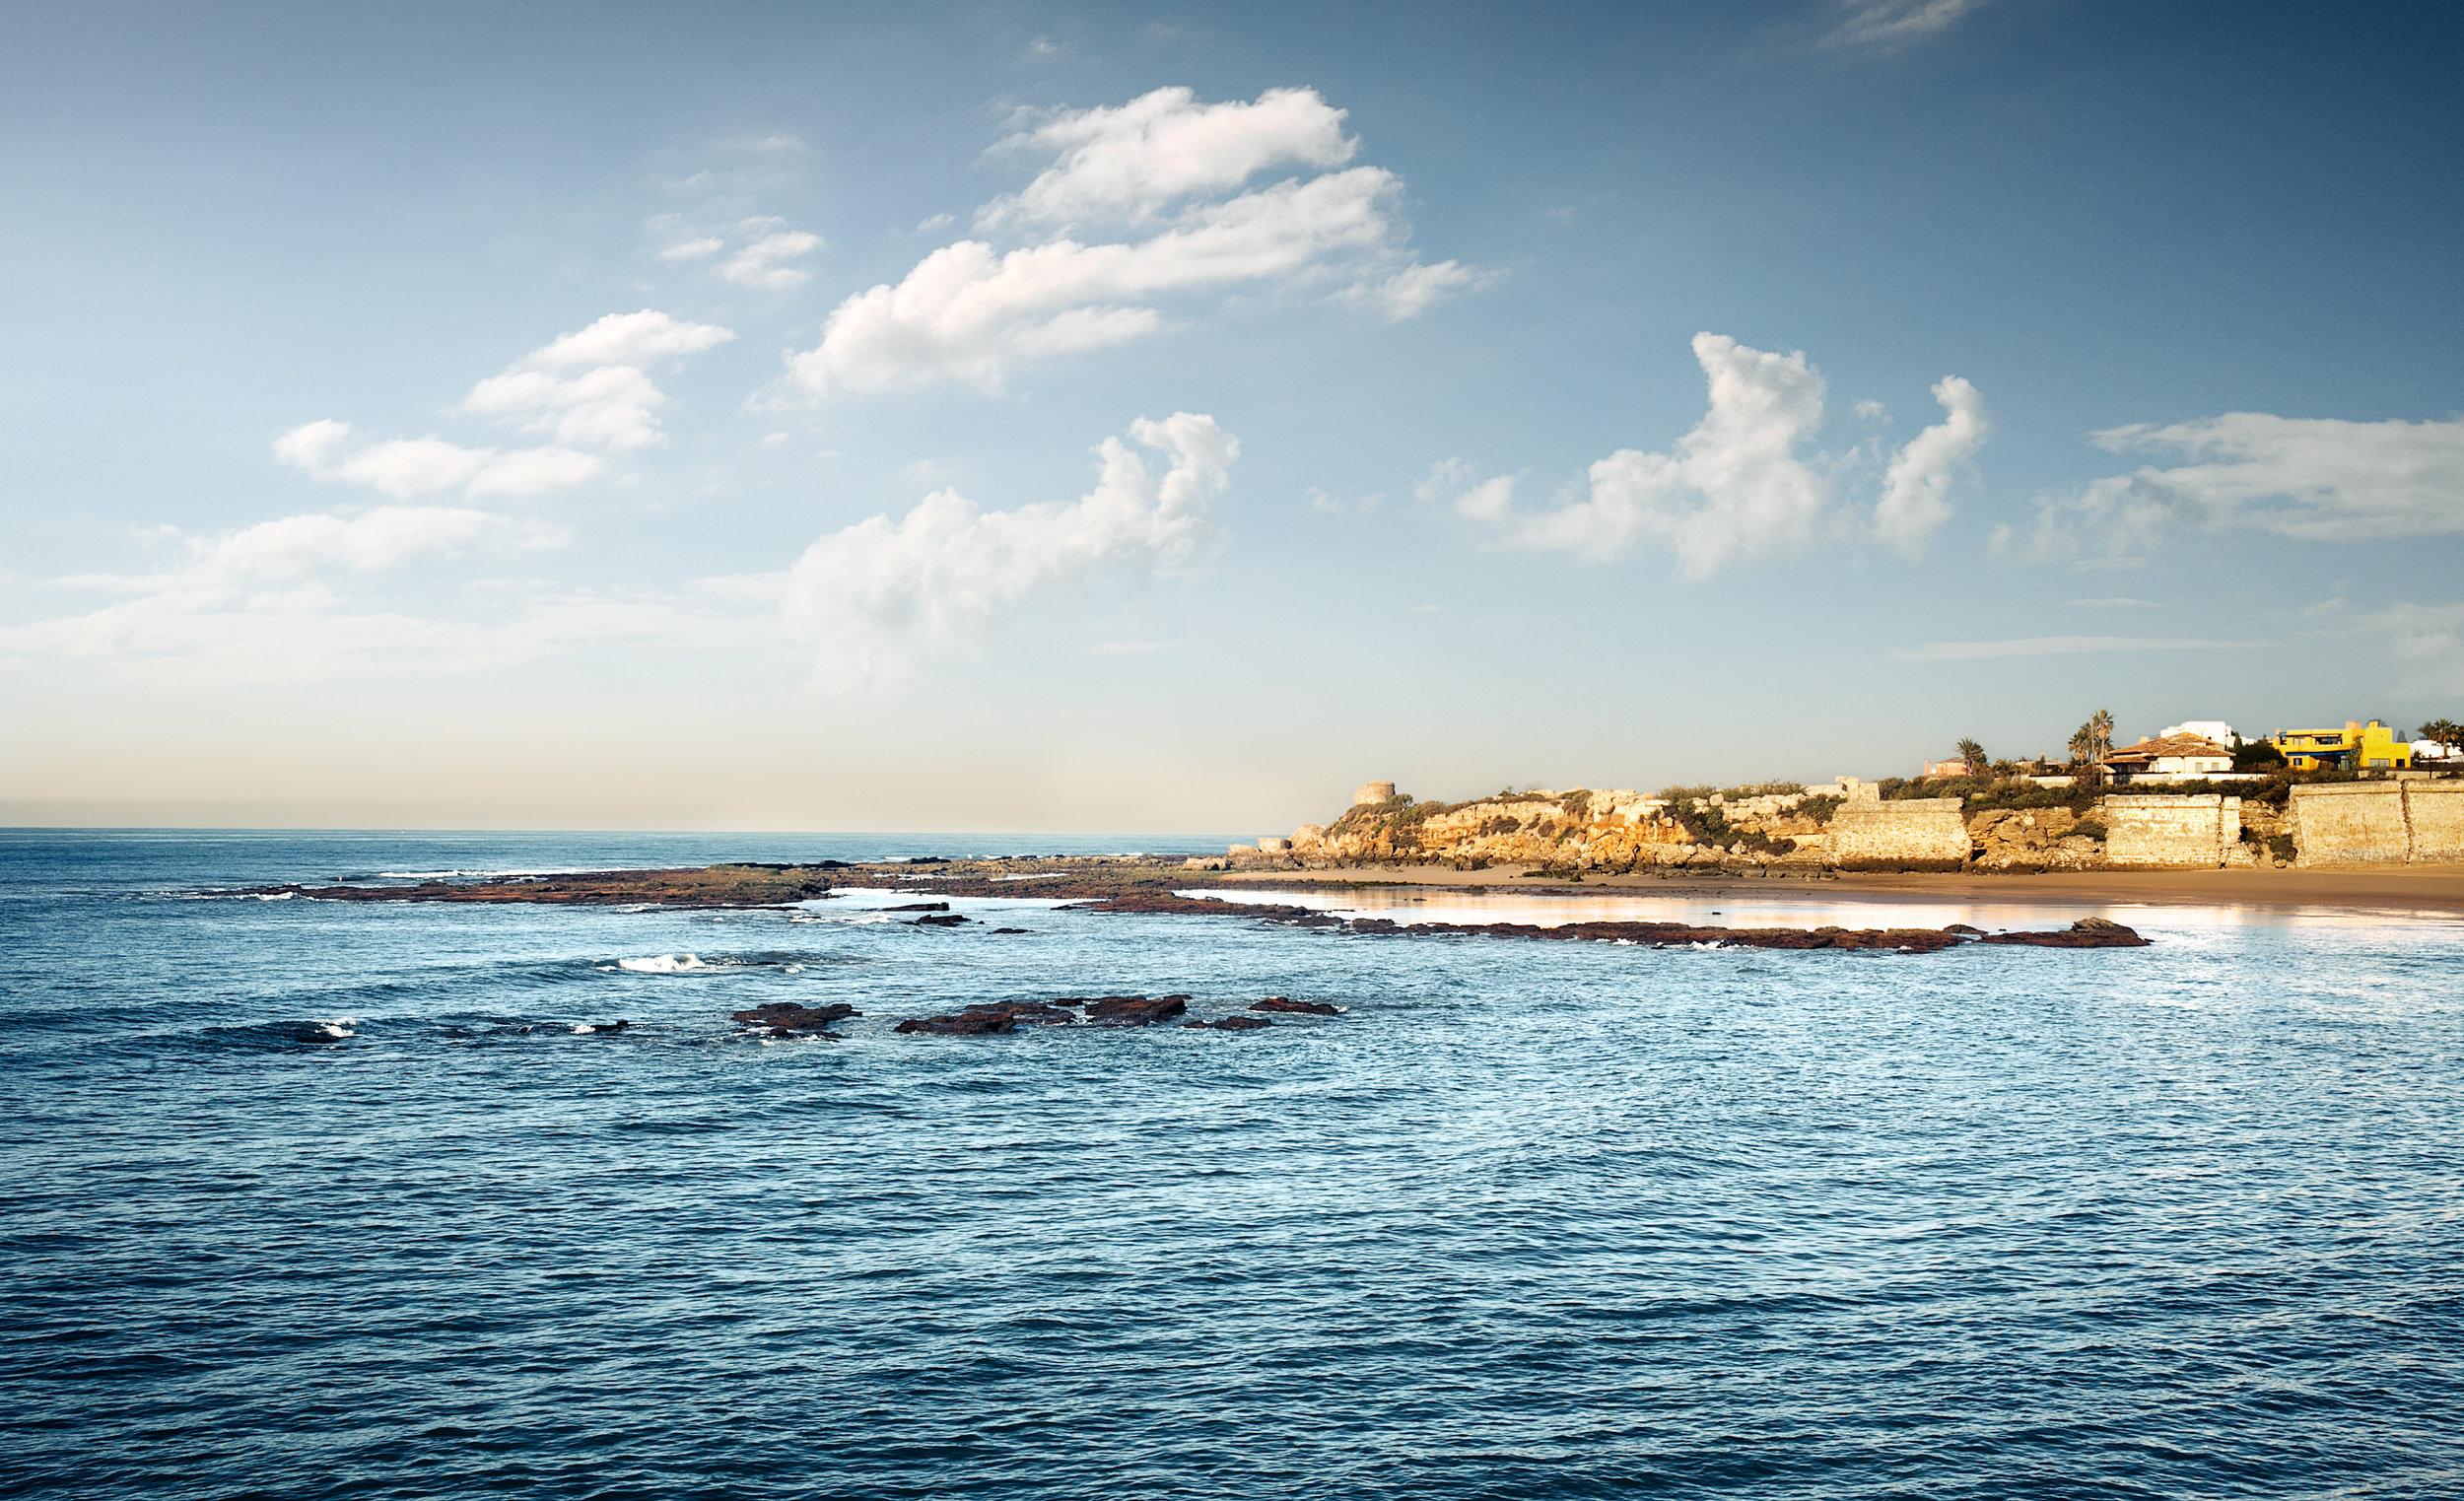 Playa de la Muralla. Vista desde el paseo de Puerto Sherry. Foto:  Raul Perez Pellicer